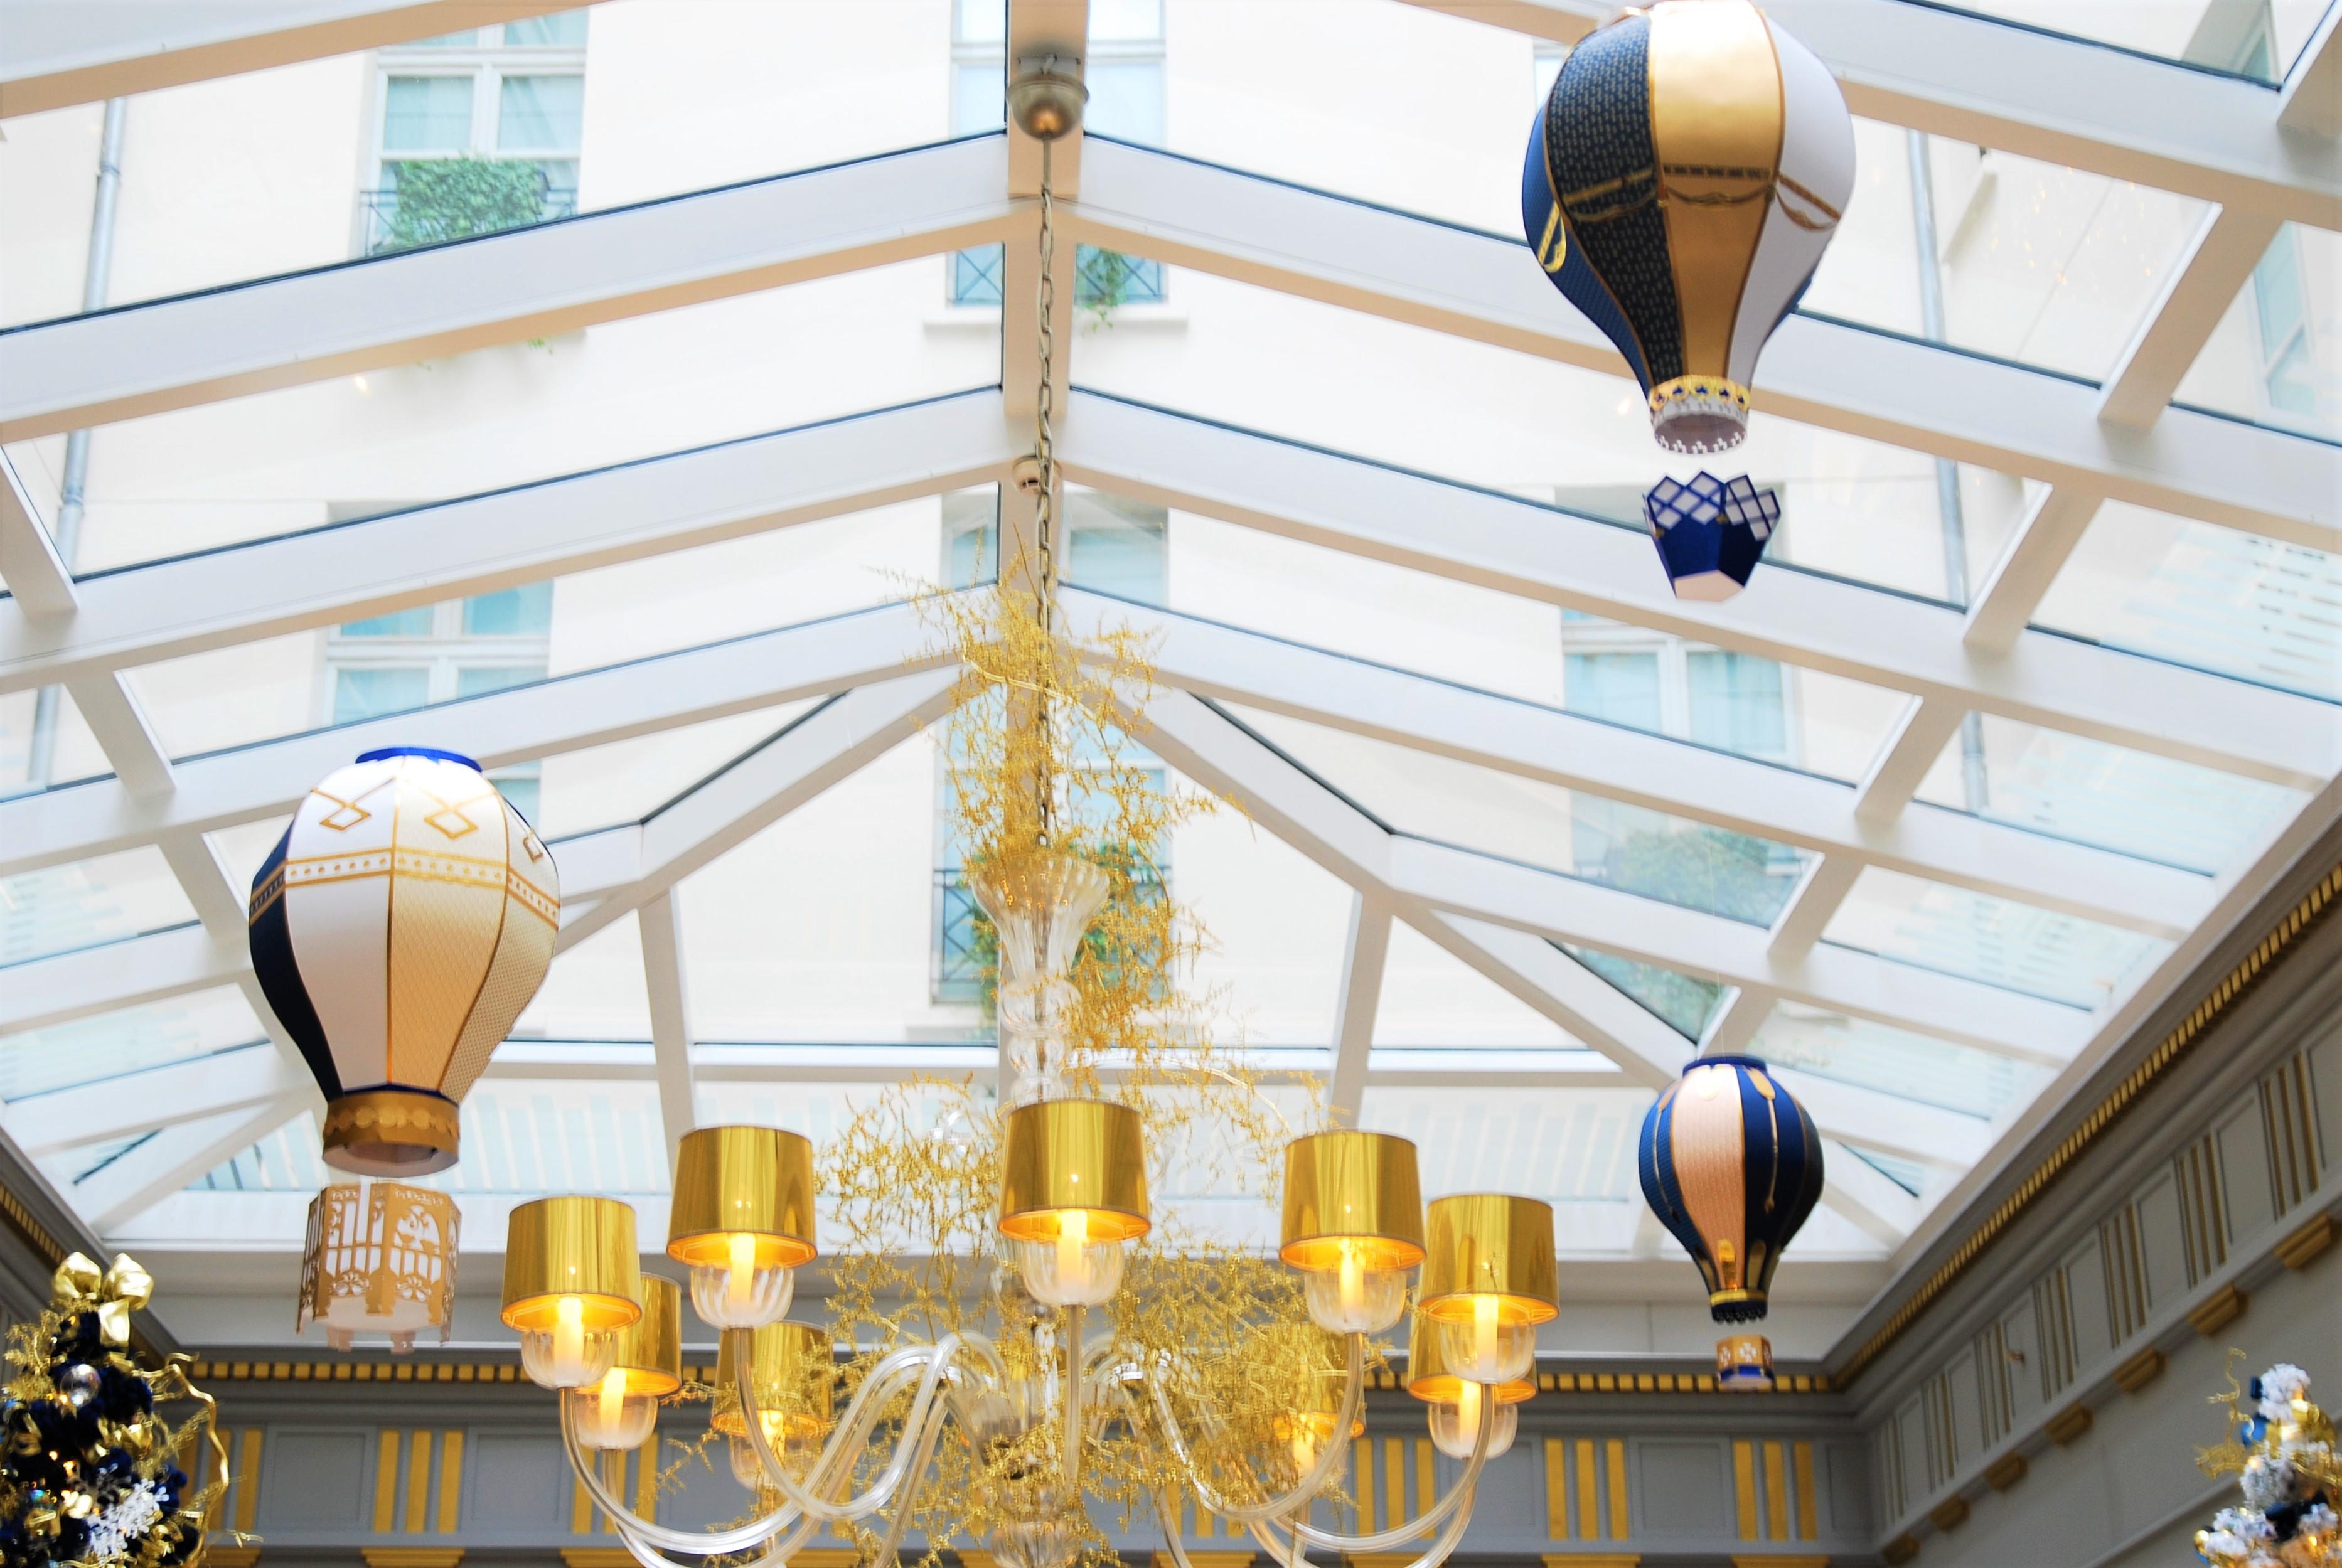 scenographie-verriere-installation-aerienne-montgolfiere-paper-art-creation-pour-hotel-sofitel-paris-le-faubourg-noel-2018-Laure-Devenelle